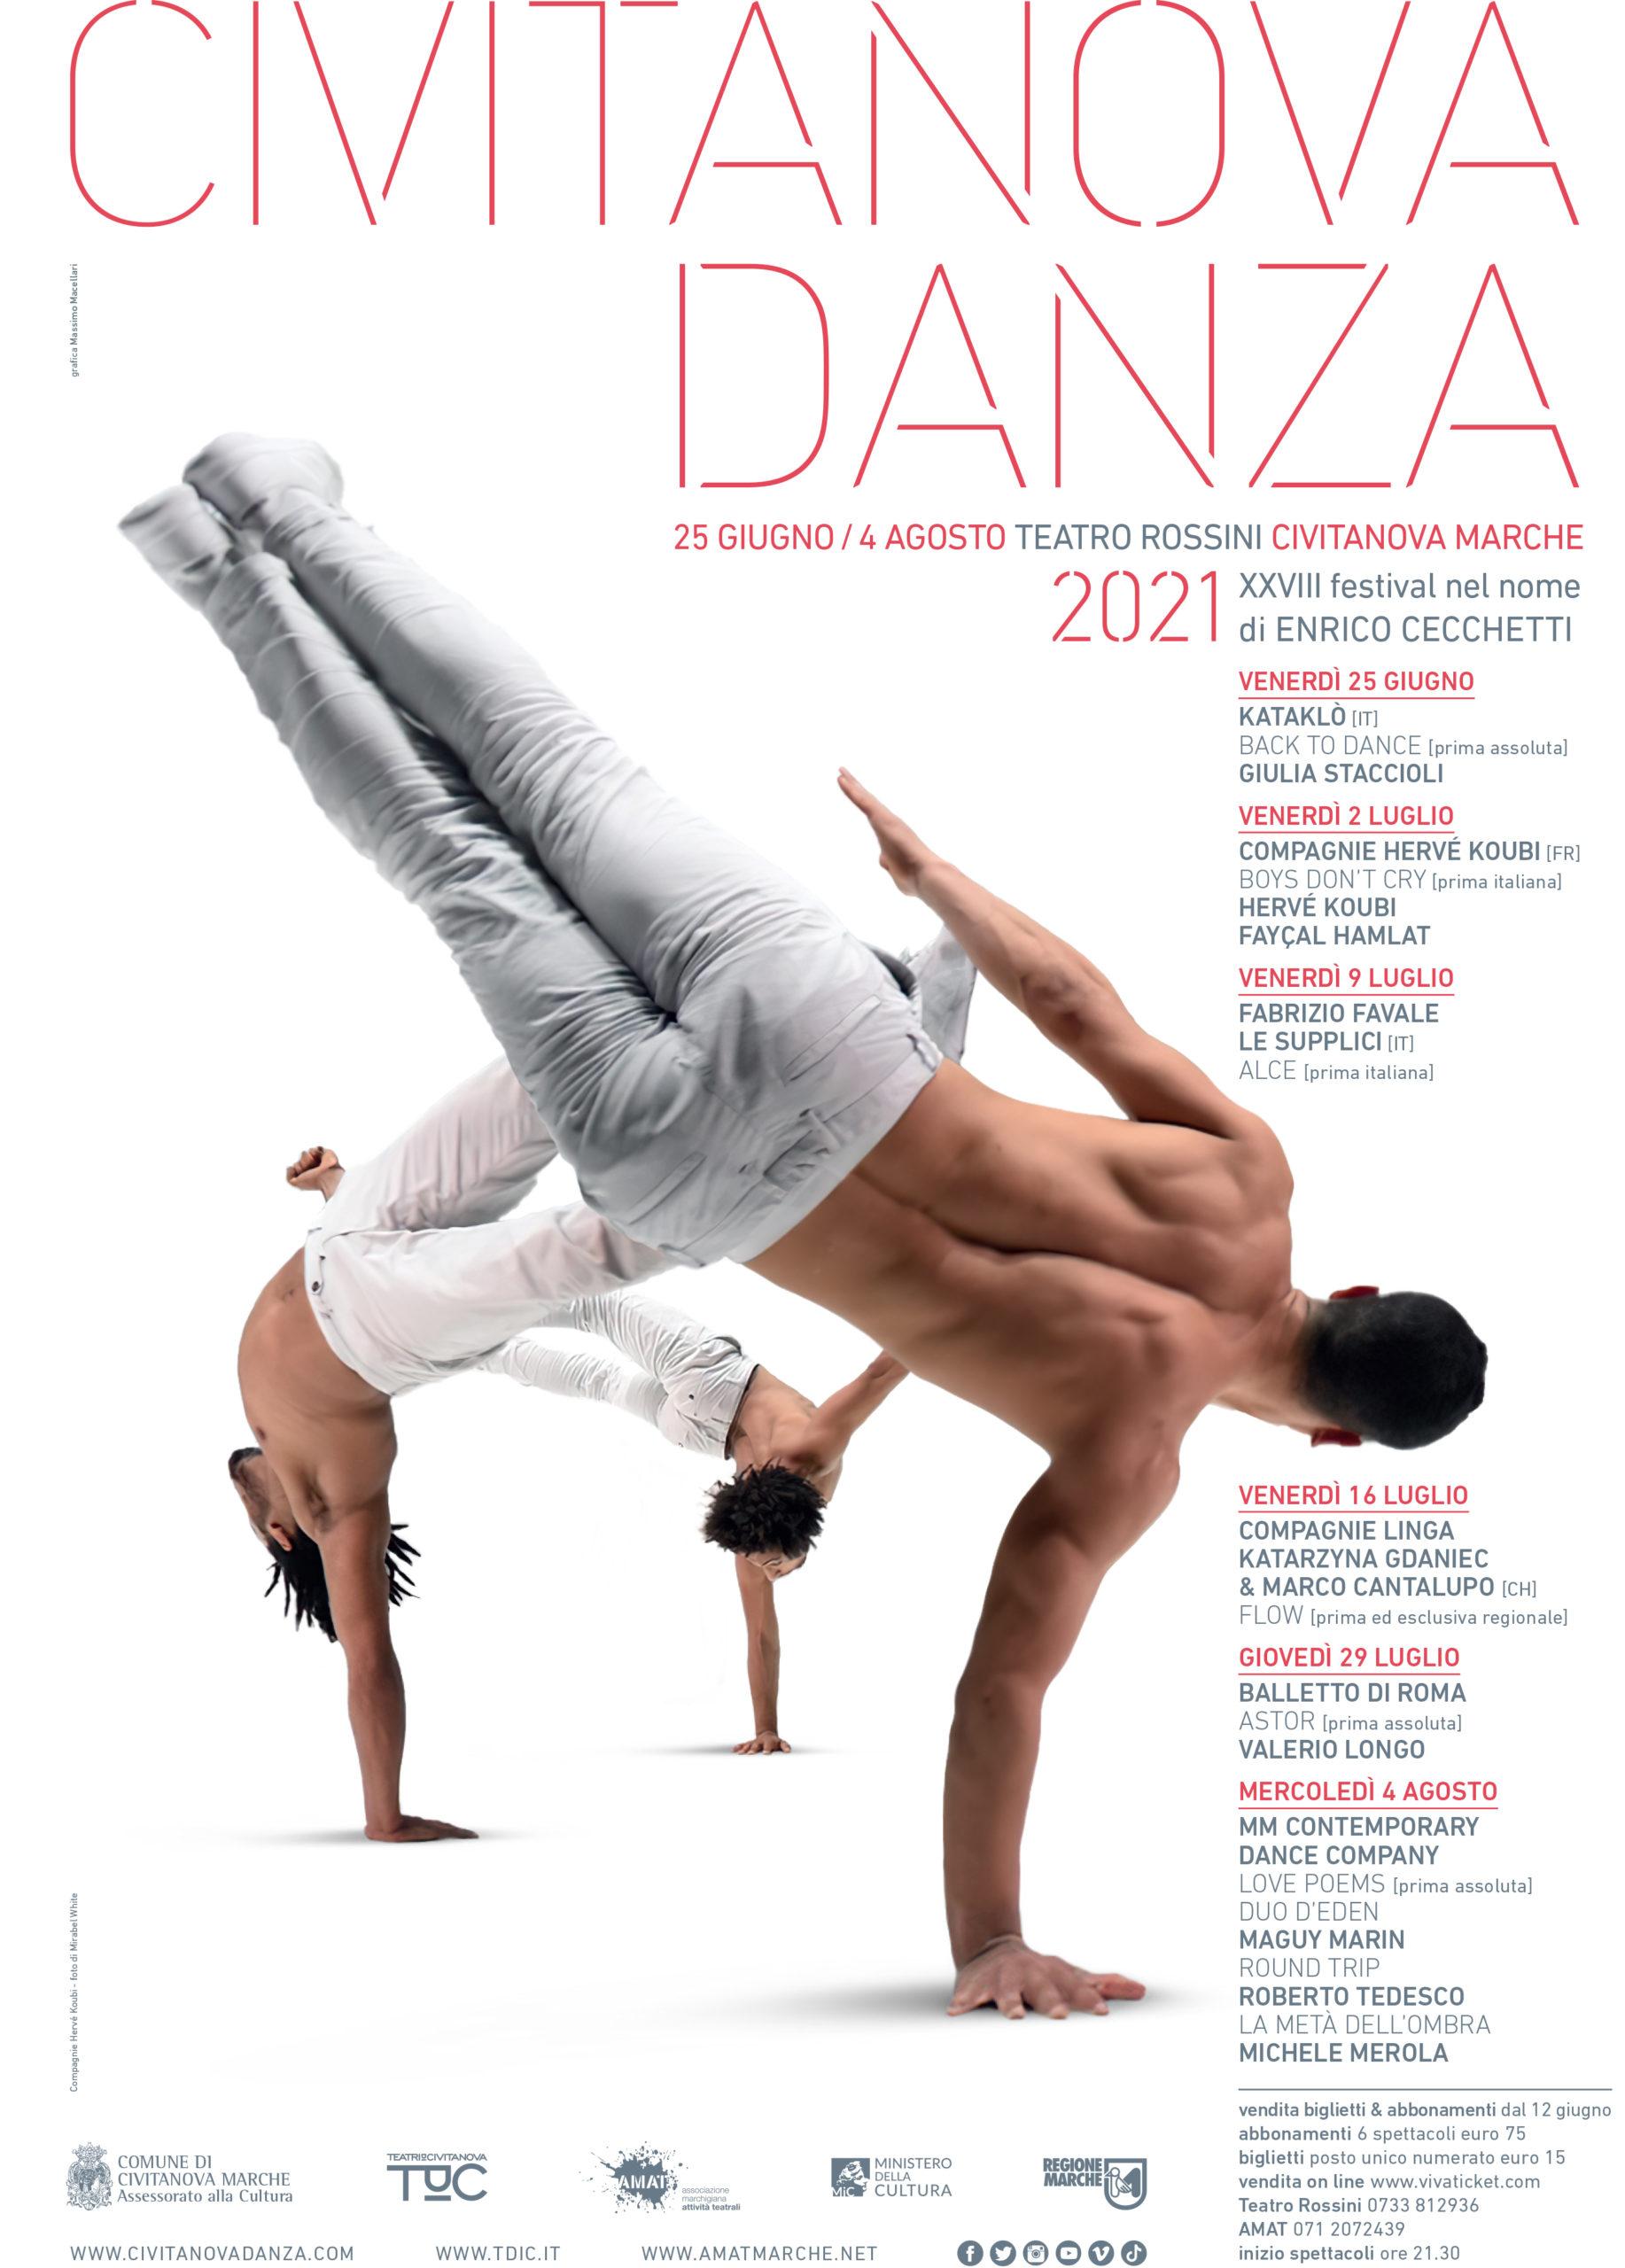 Civitanova Danza 2021